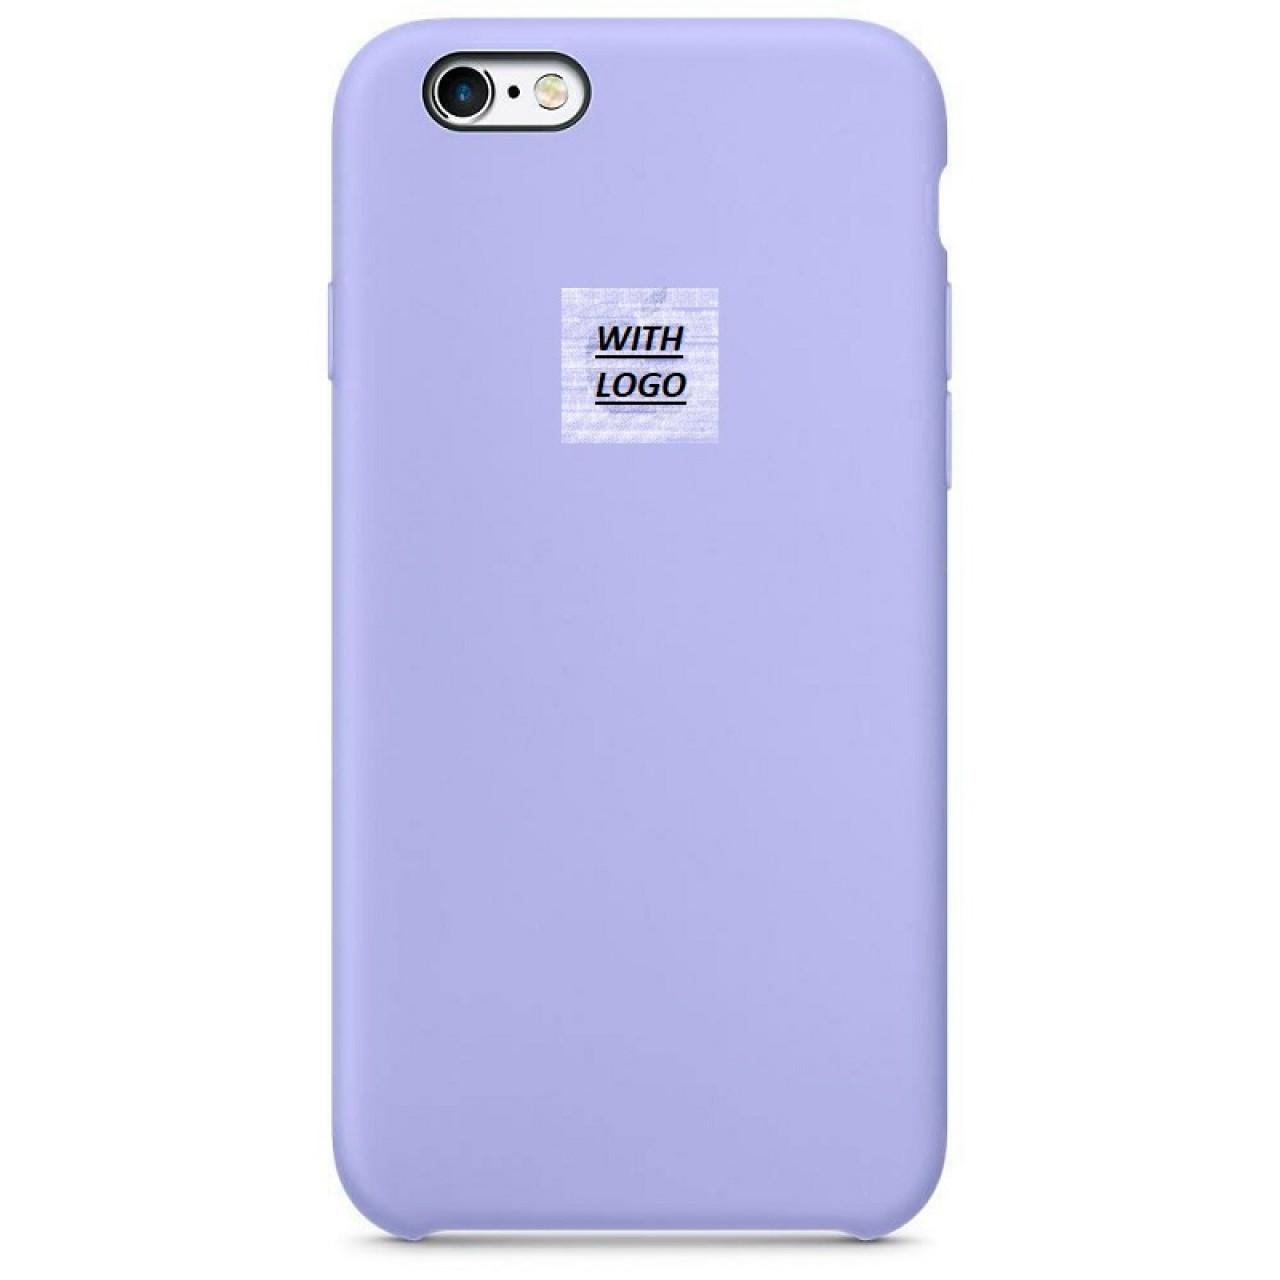 ΘΗΚΗ ΠΡΟΣΤΑΣΙΑΣ ΣΙΛΙΚΟΝΗΣ ΓΙΑ iPhone 6 PLUS ΛΕΒΑΝΤΑ - BACK COVER SILICON CASE LAVENDER - OEM